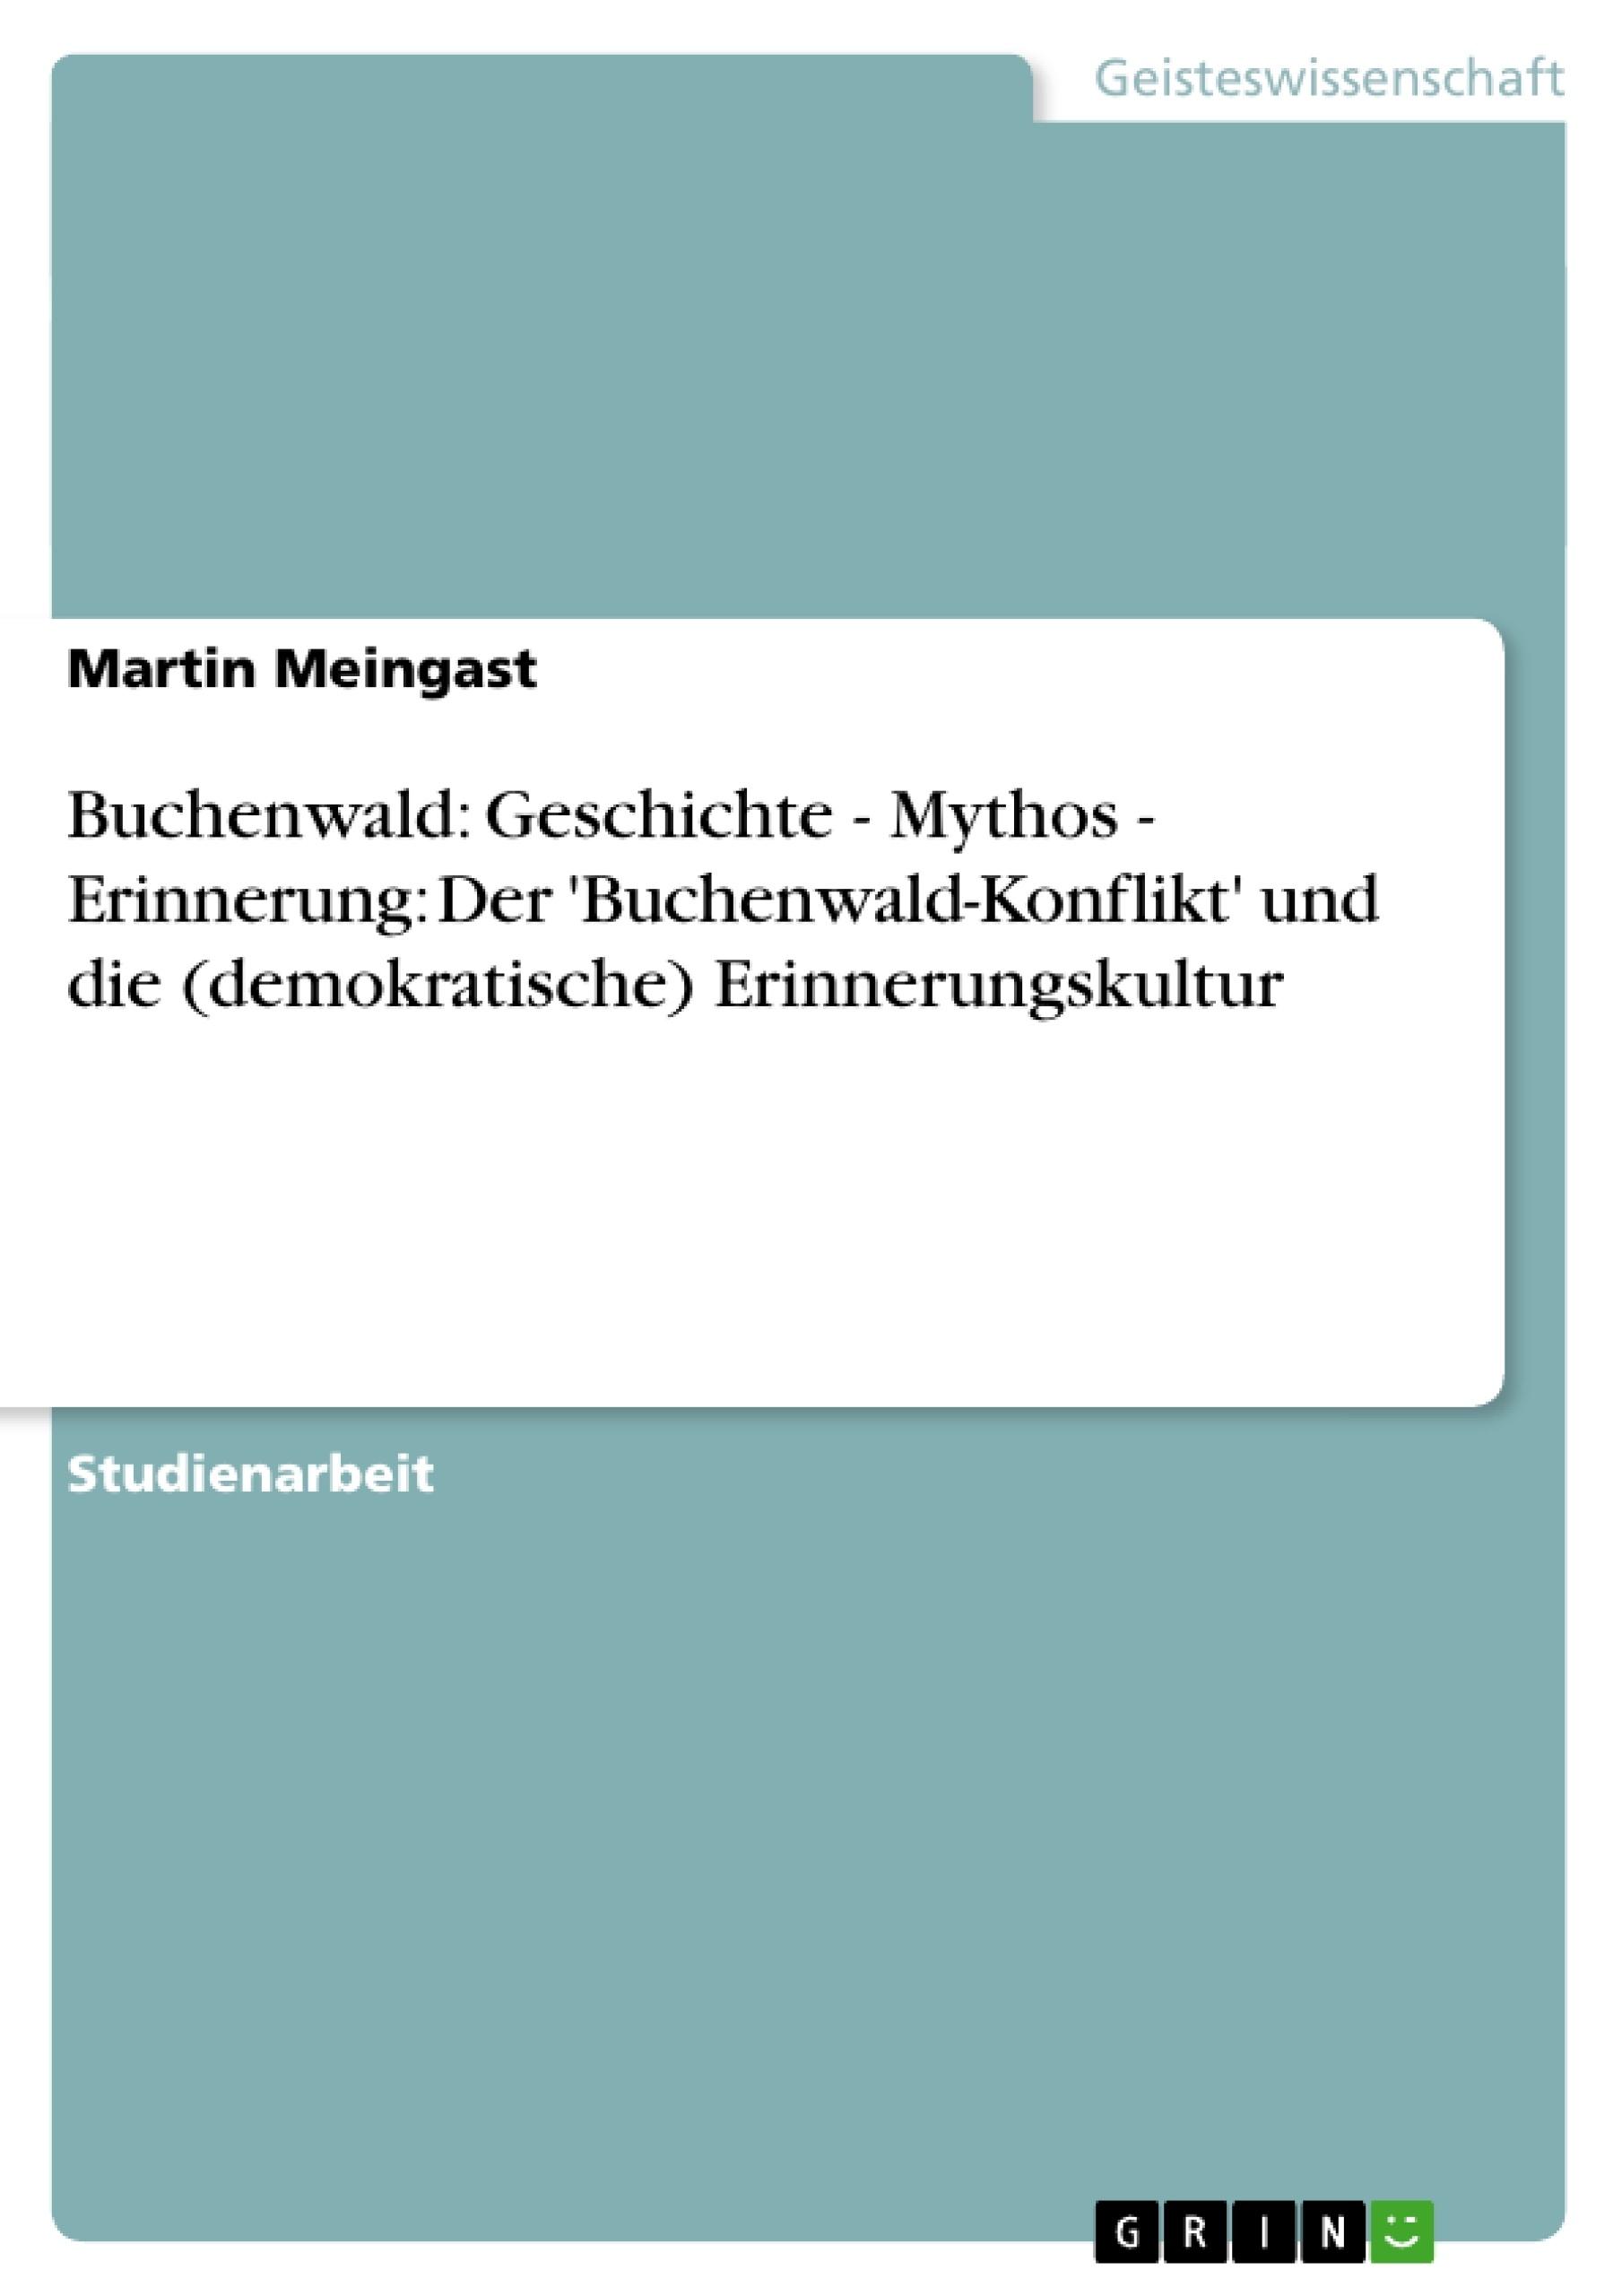 Titel: Buchenwald: Geschichte - Mythos - Erinnerung: Der 'Buchenwald-Konflikt' und die (demokratische) Erinnerungskultur